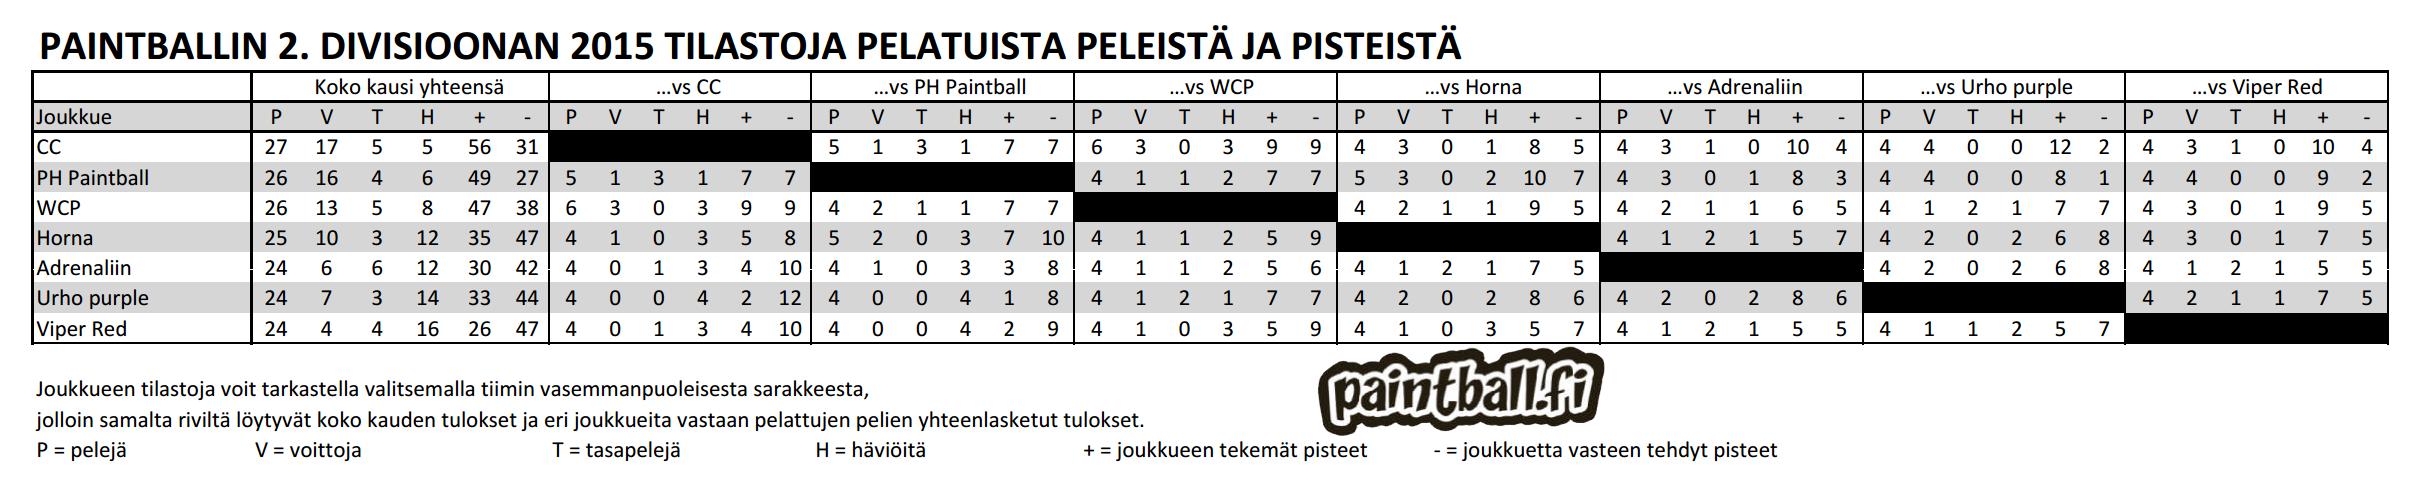 2015_2divisioona_tilastot.PNG